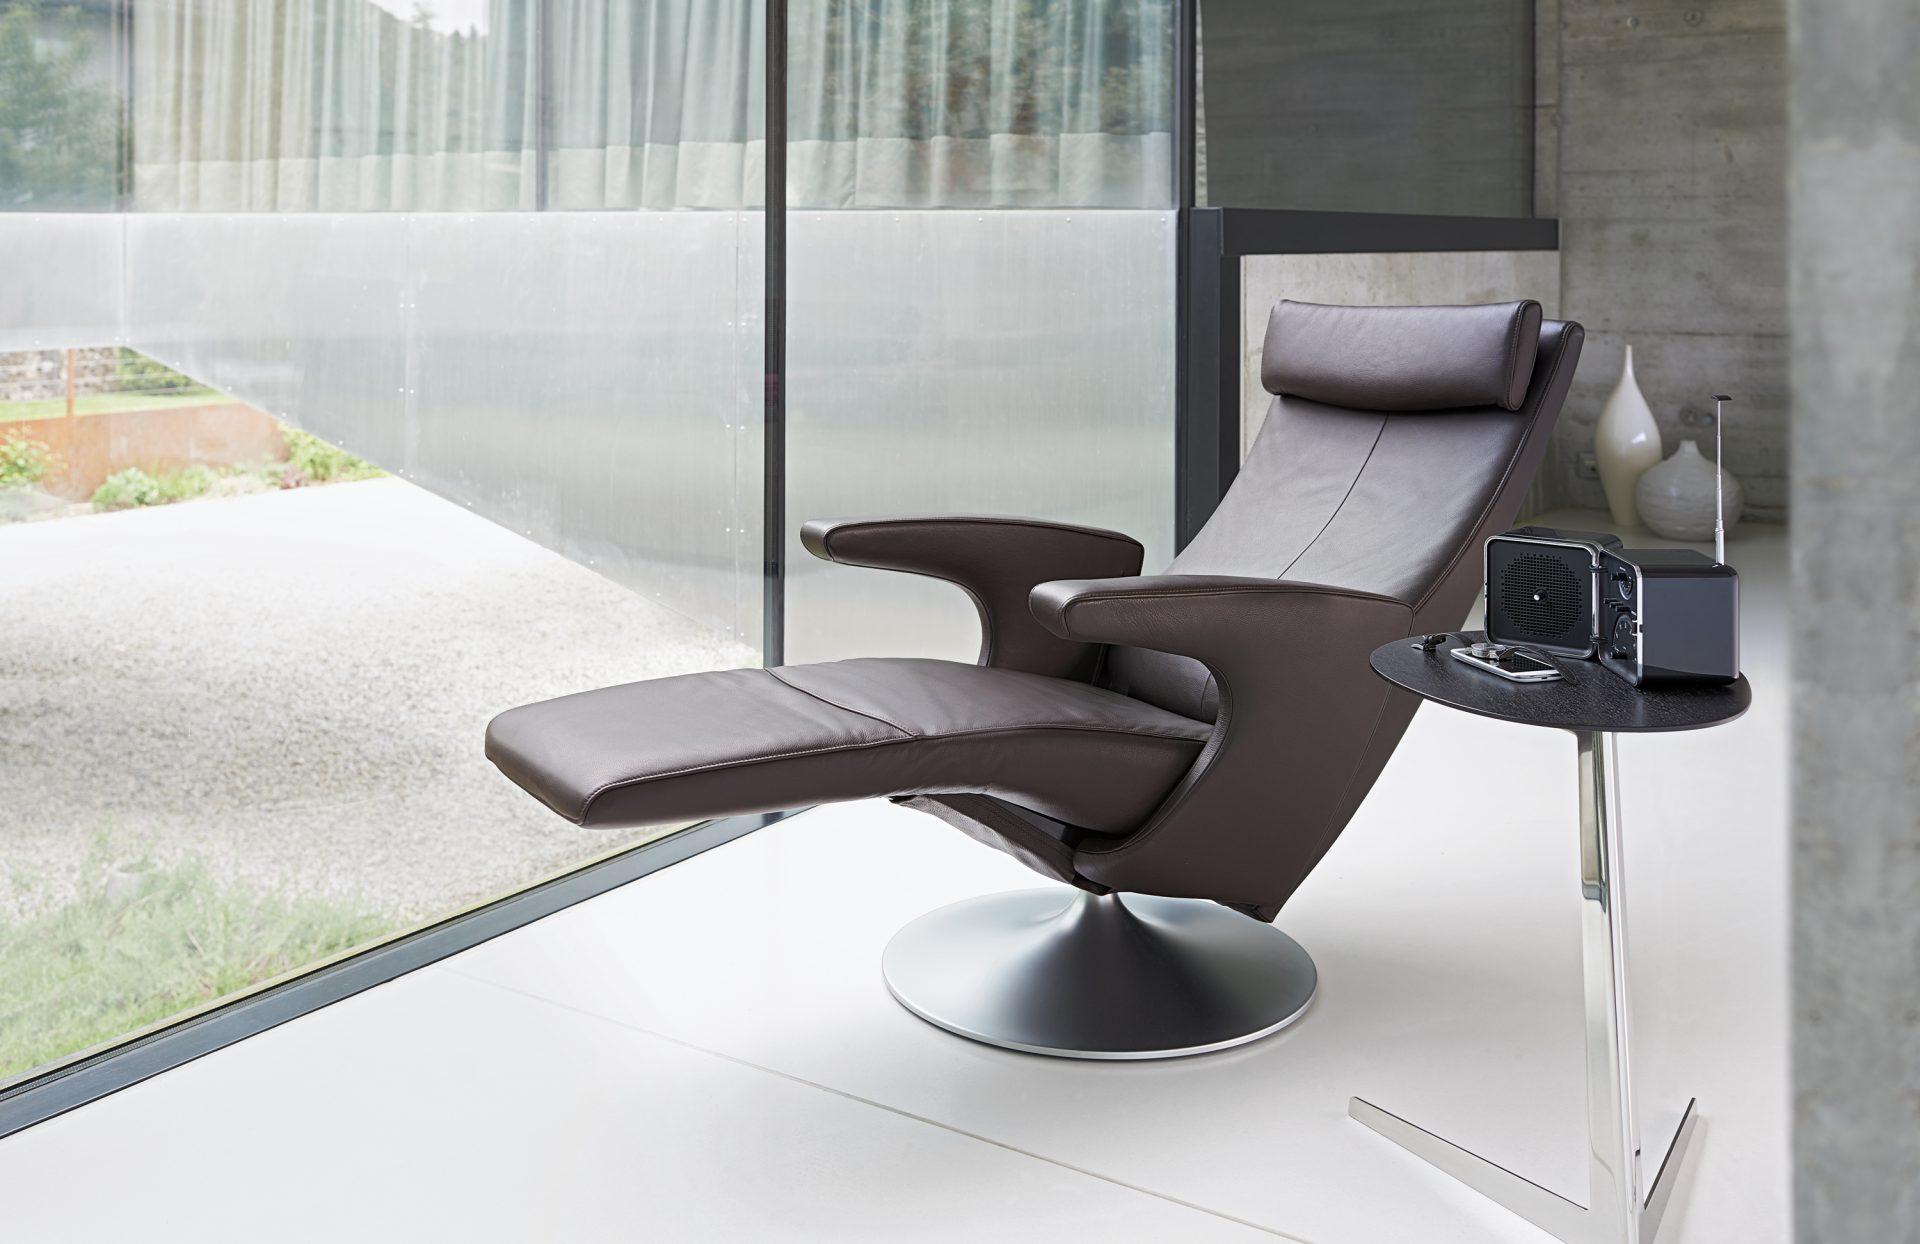 fsm frank sitzm bel. Black Bedroom Furniture Sets. Home Design Ideas